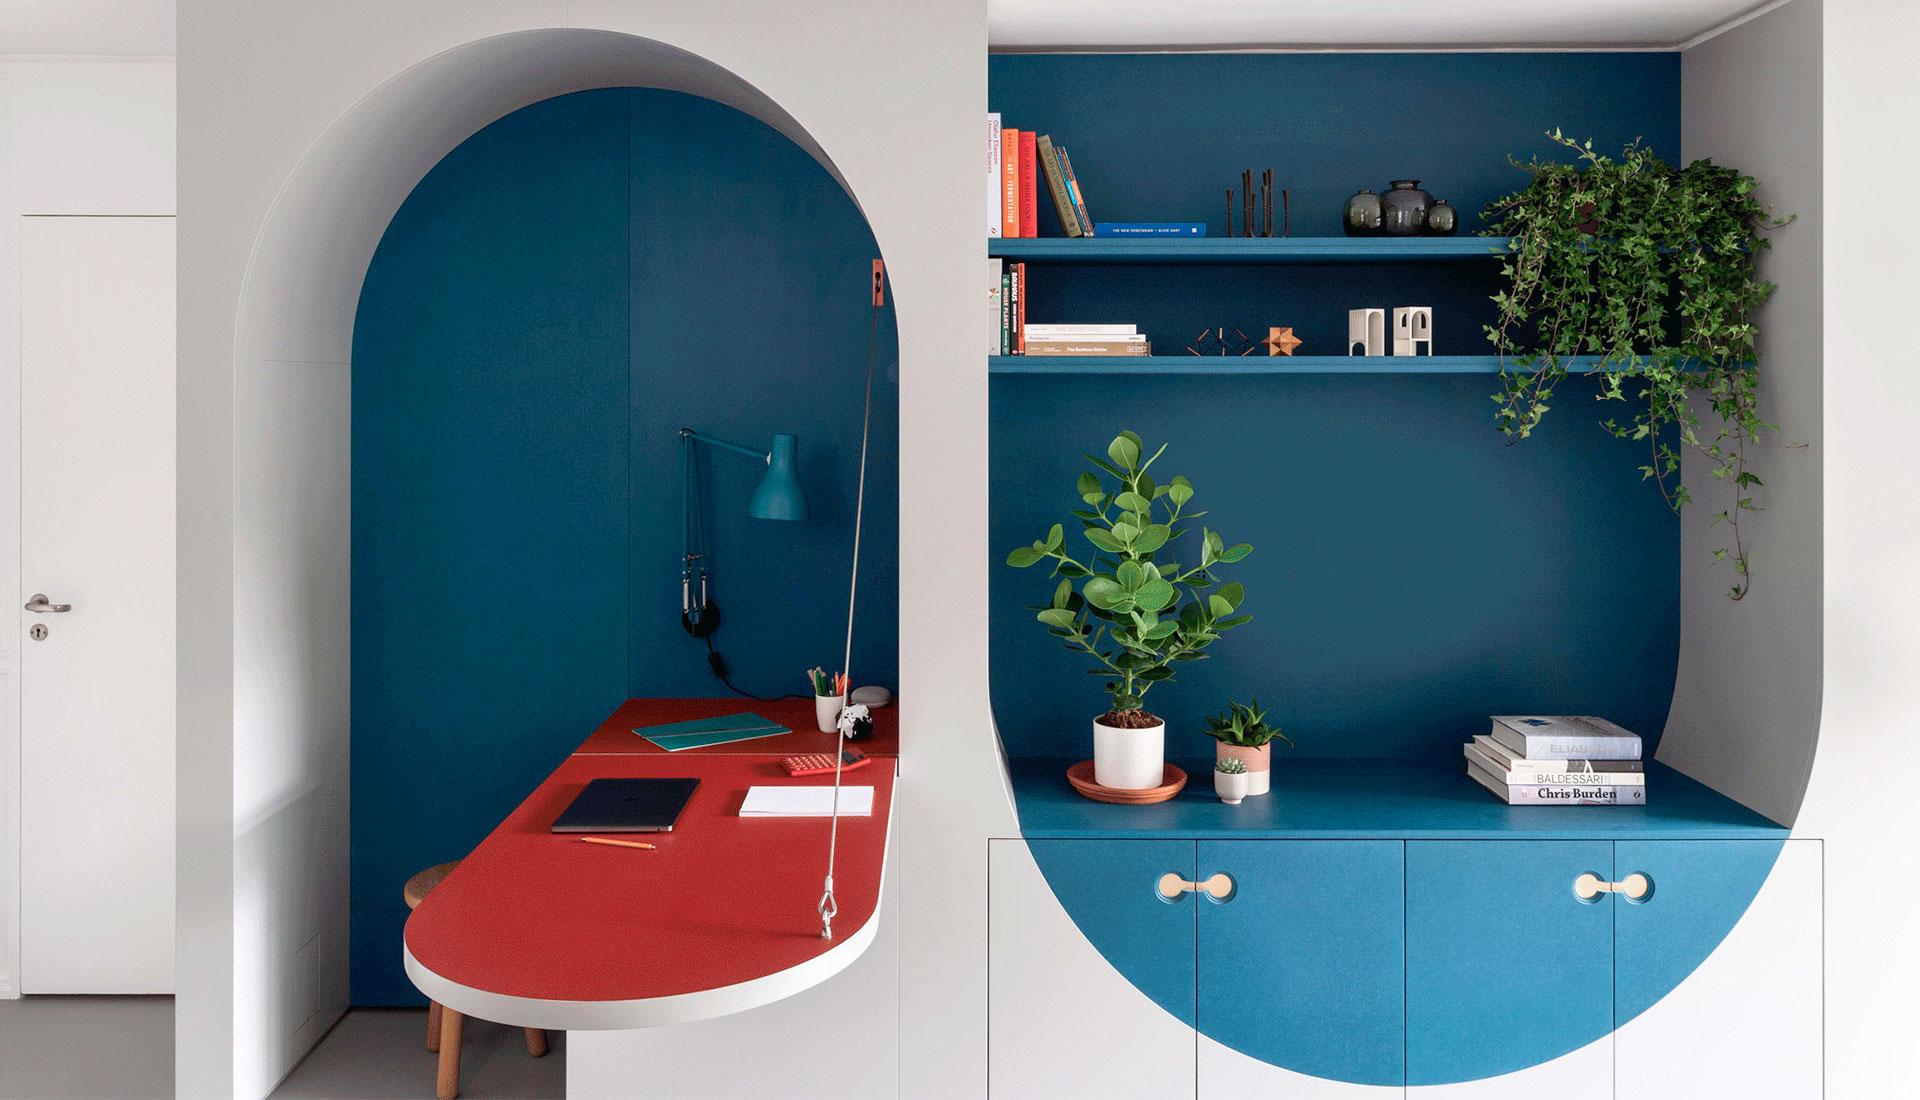 идеи дизайна квартиры фото